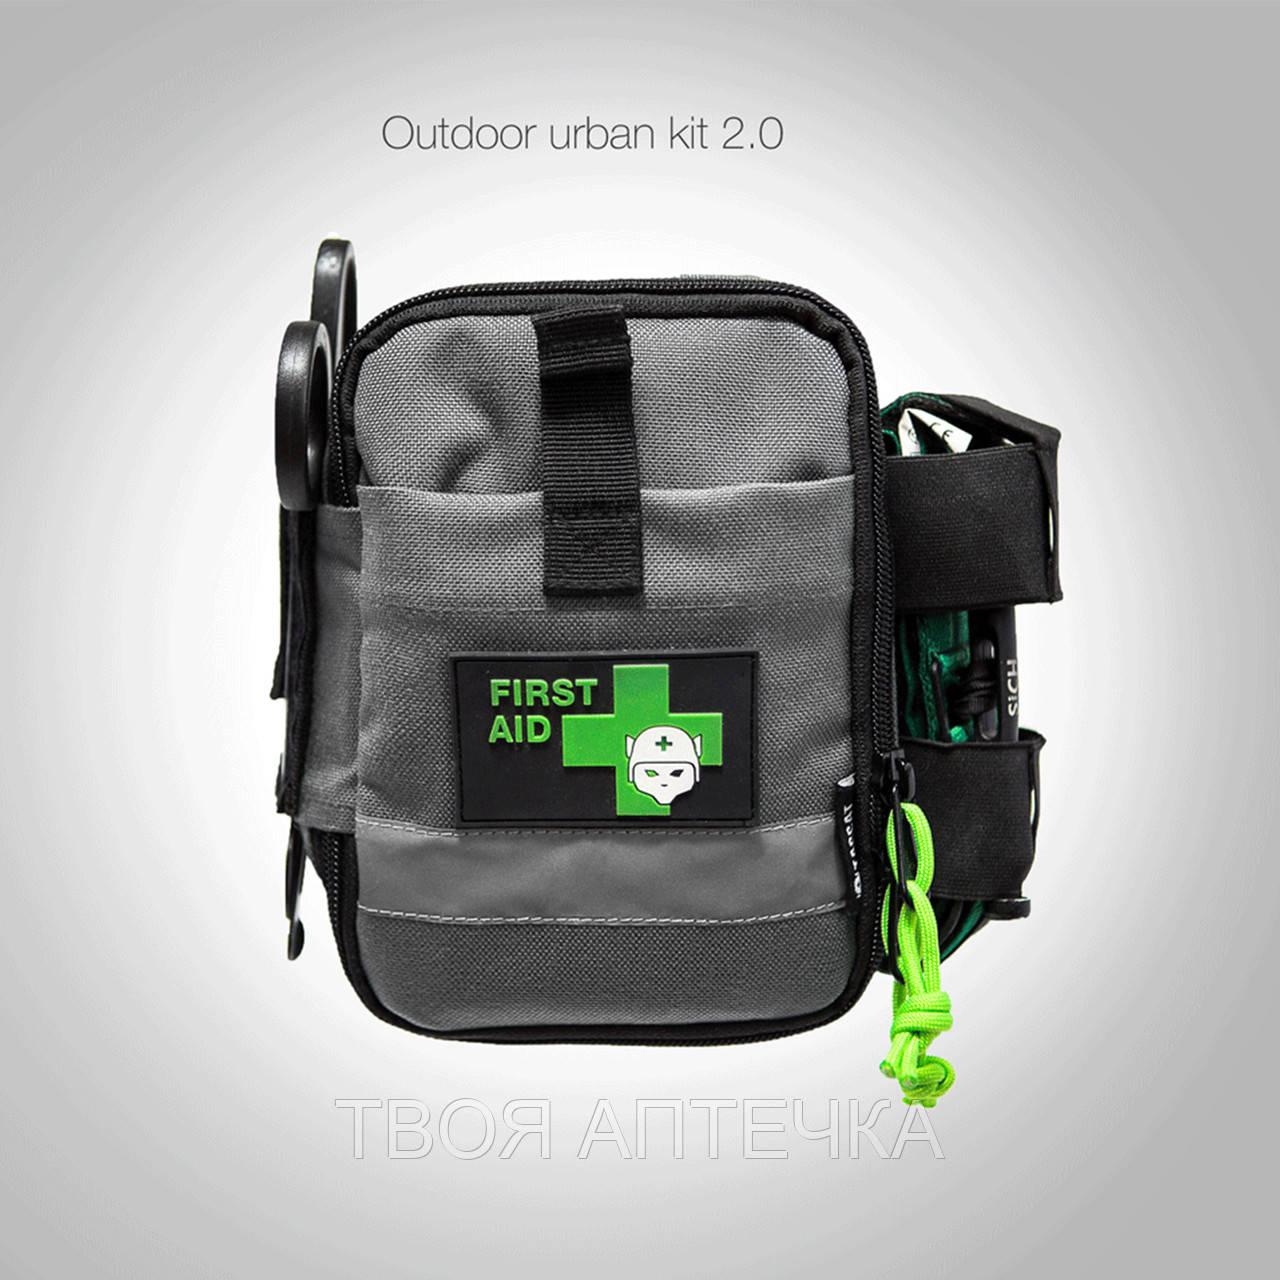 Outdoor urban kit 2.0